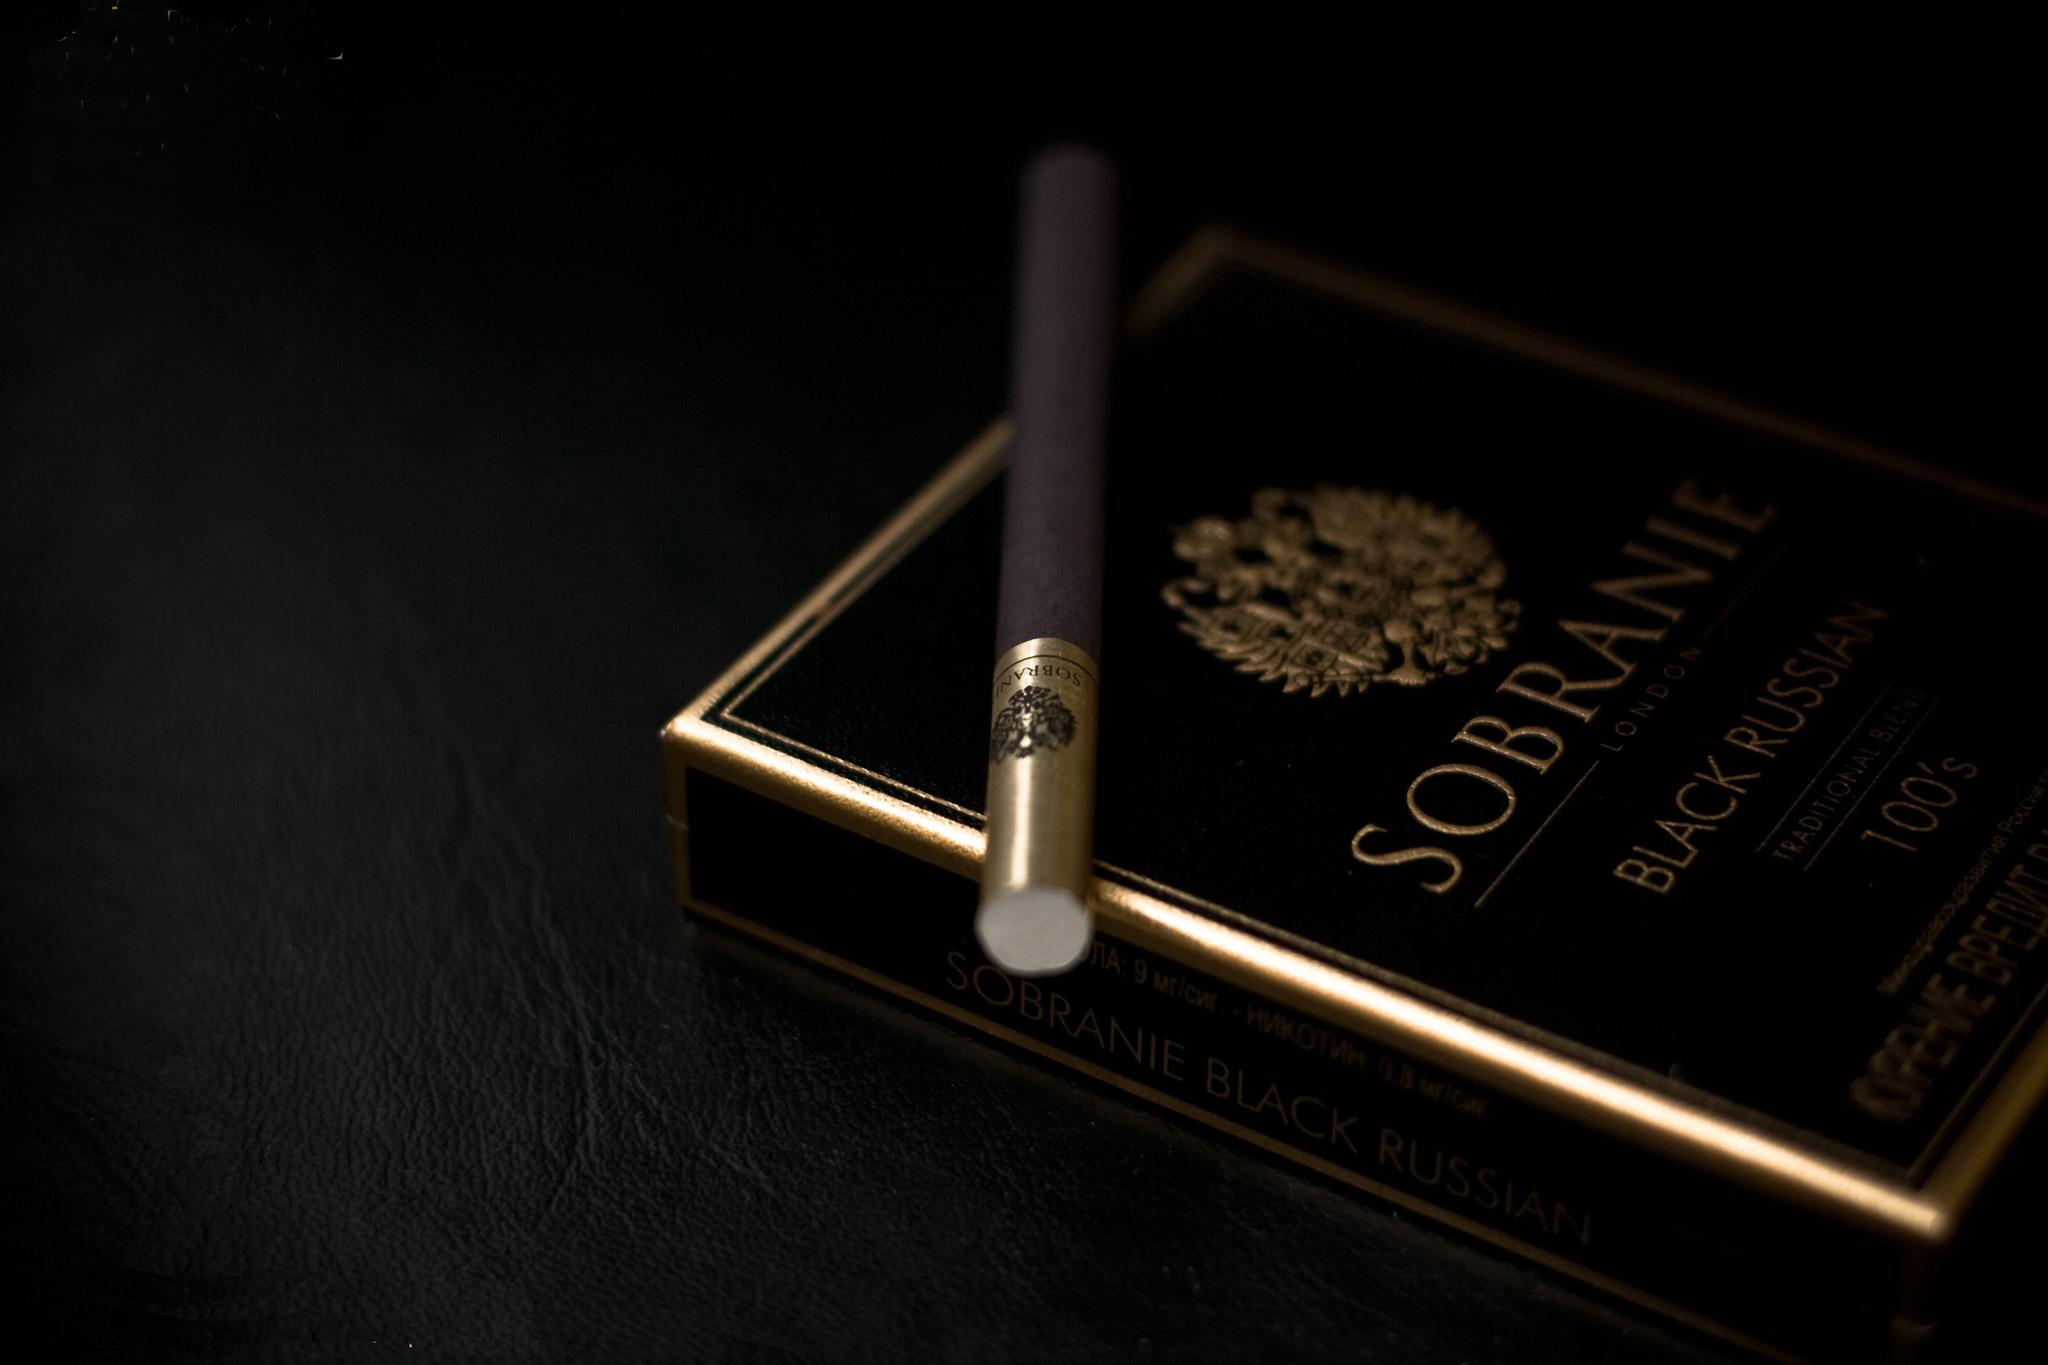 Купить сигареты черного цвета оптом сигарет и цени